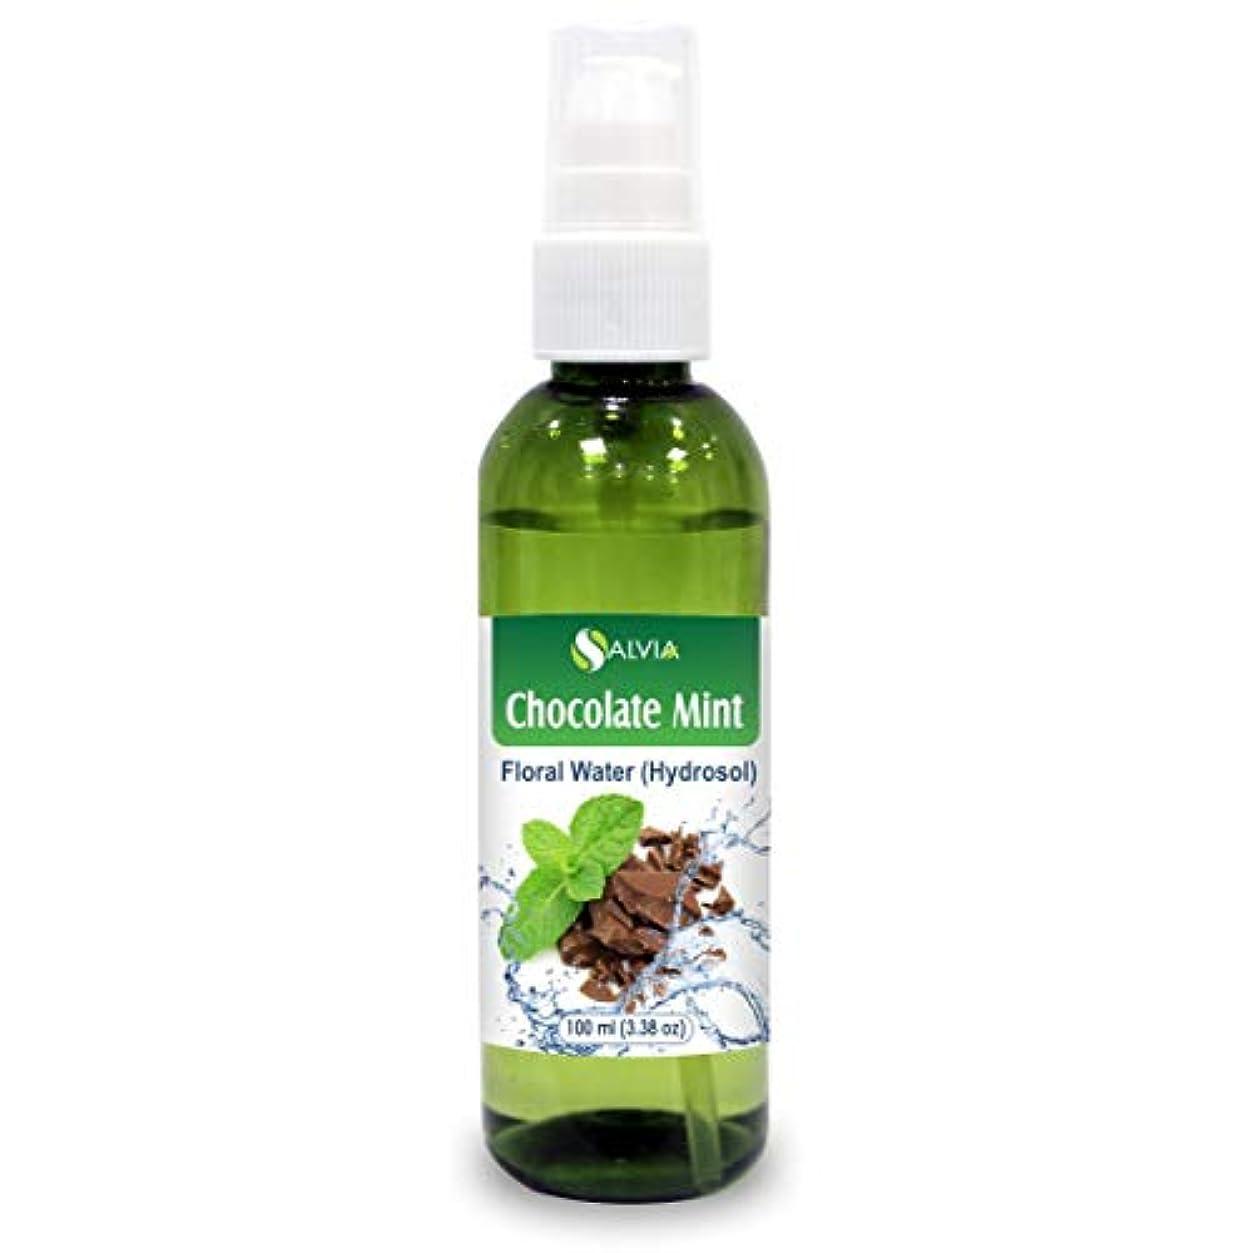 変化理想的には賄賂Chocolate Mint Floral Water 100ml (Hydrosol) 100% Pure And Natural